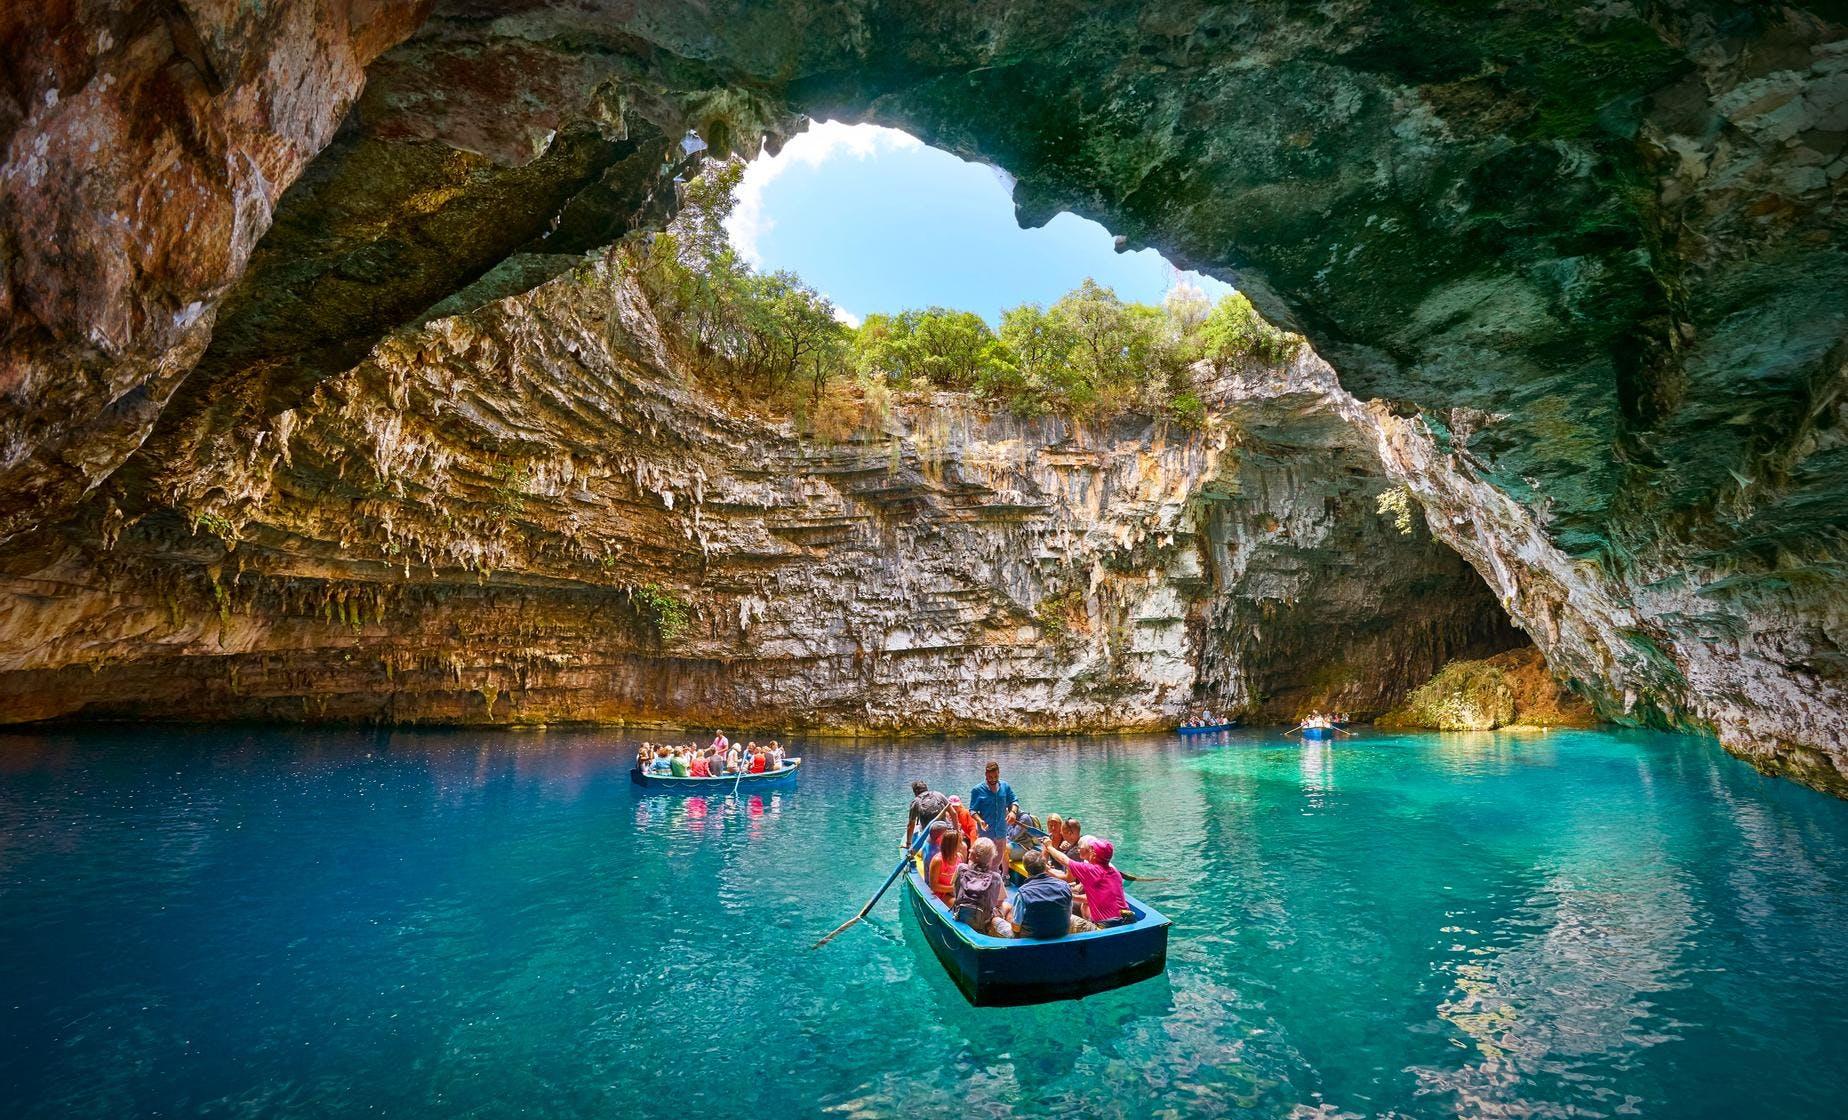 Melissani Lake and Myrtos Beach Tour